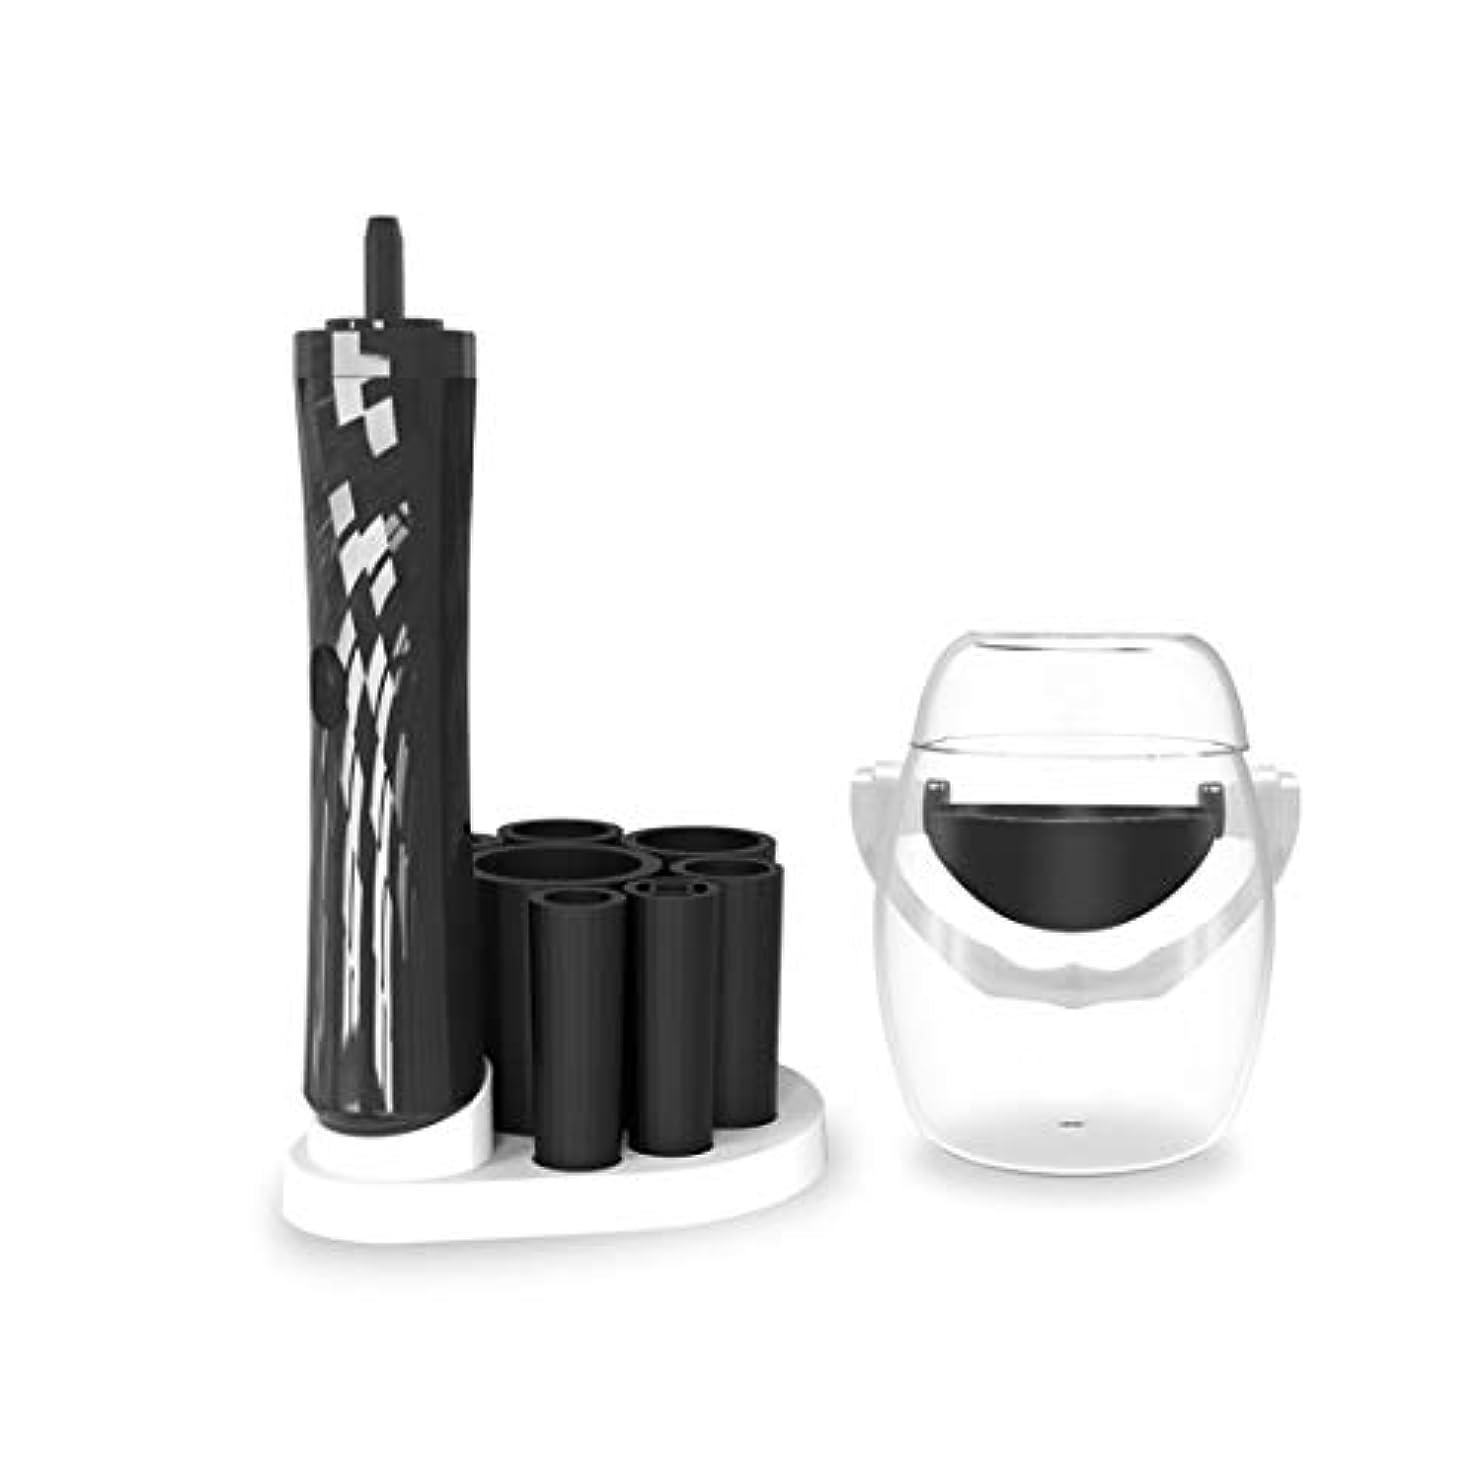 鉄わざわざ異なる辽阳世纪电子产品贸易中心 化粧ブラシツール自動洗剤、黒を洗ってください。 (色 : ホワイト)